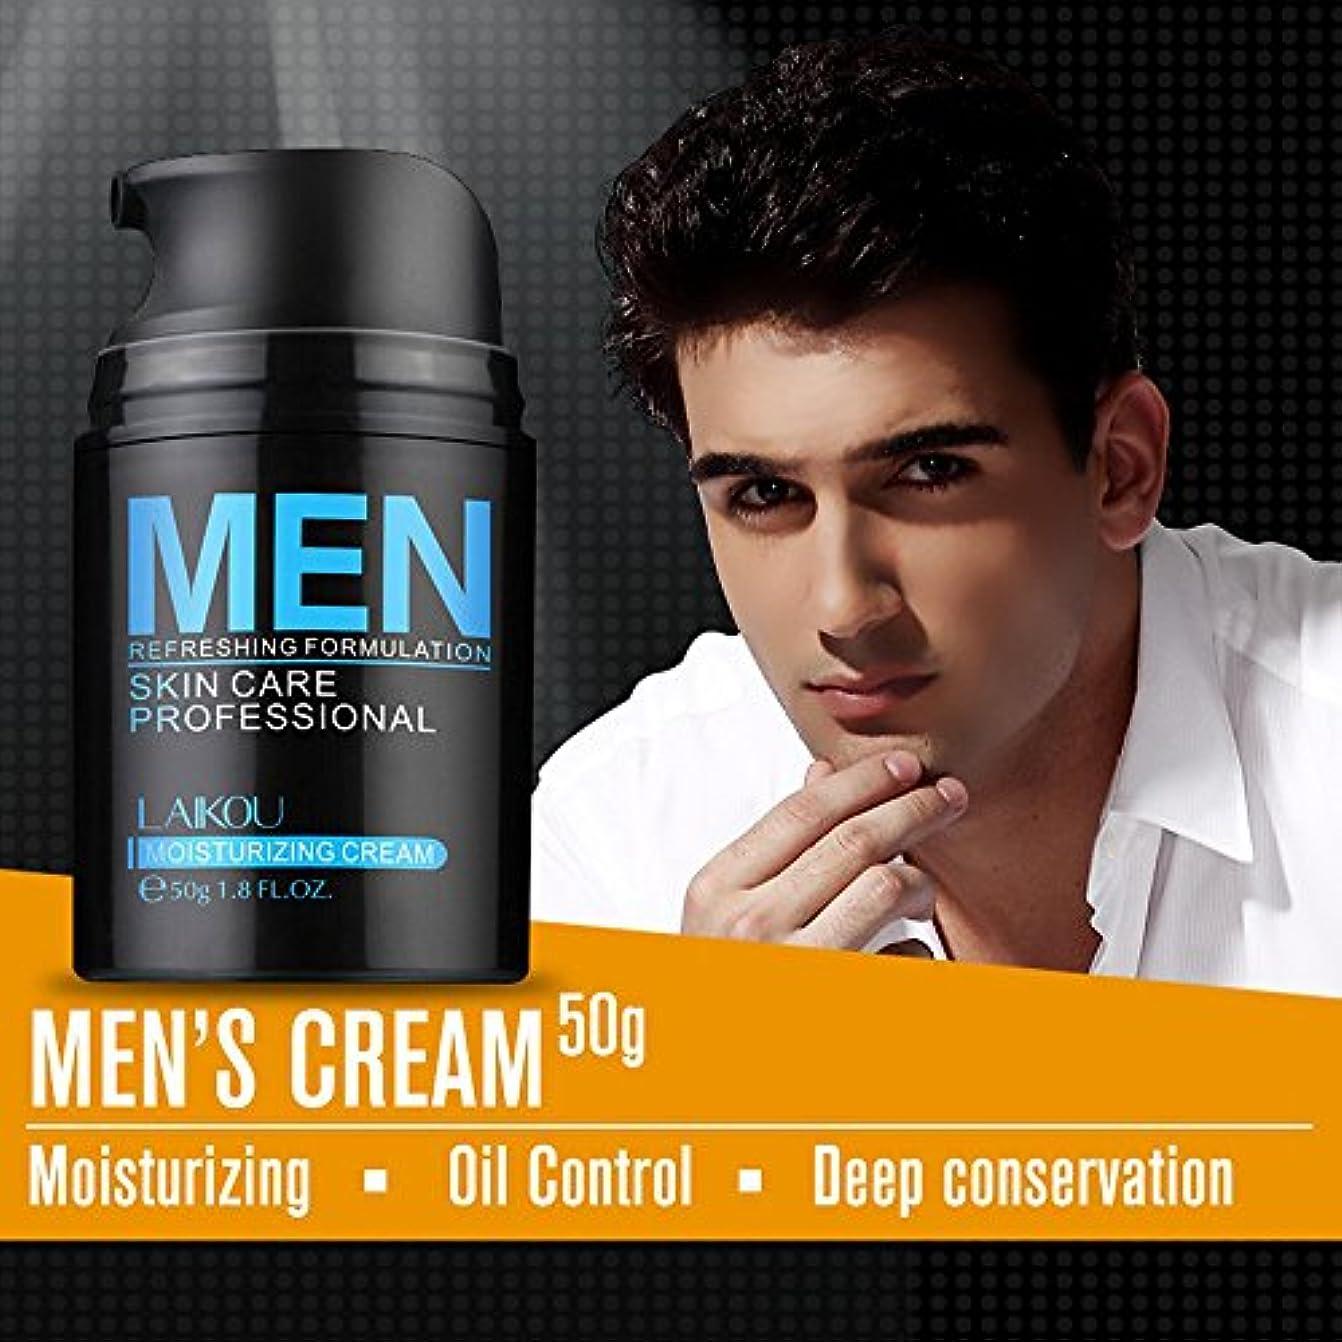 カーペット扇動大Akane LAIKOU 男子 押す 顔洗い 素敵 水分補給 オイルコントロール 保湿 すがすがしい 角質除去 クレンジング 浄化 使いやすい 洗顔料 アロエクリーム